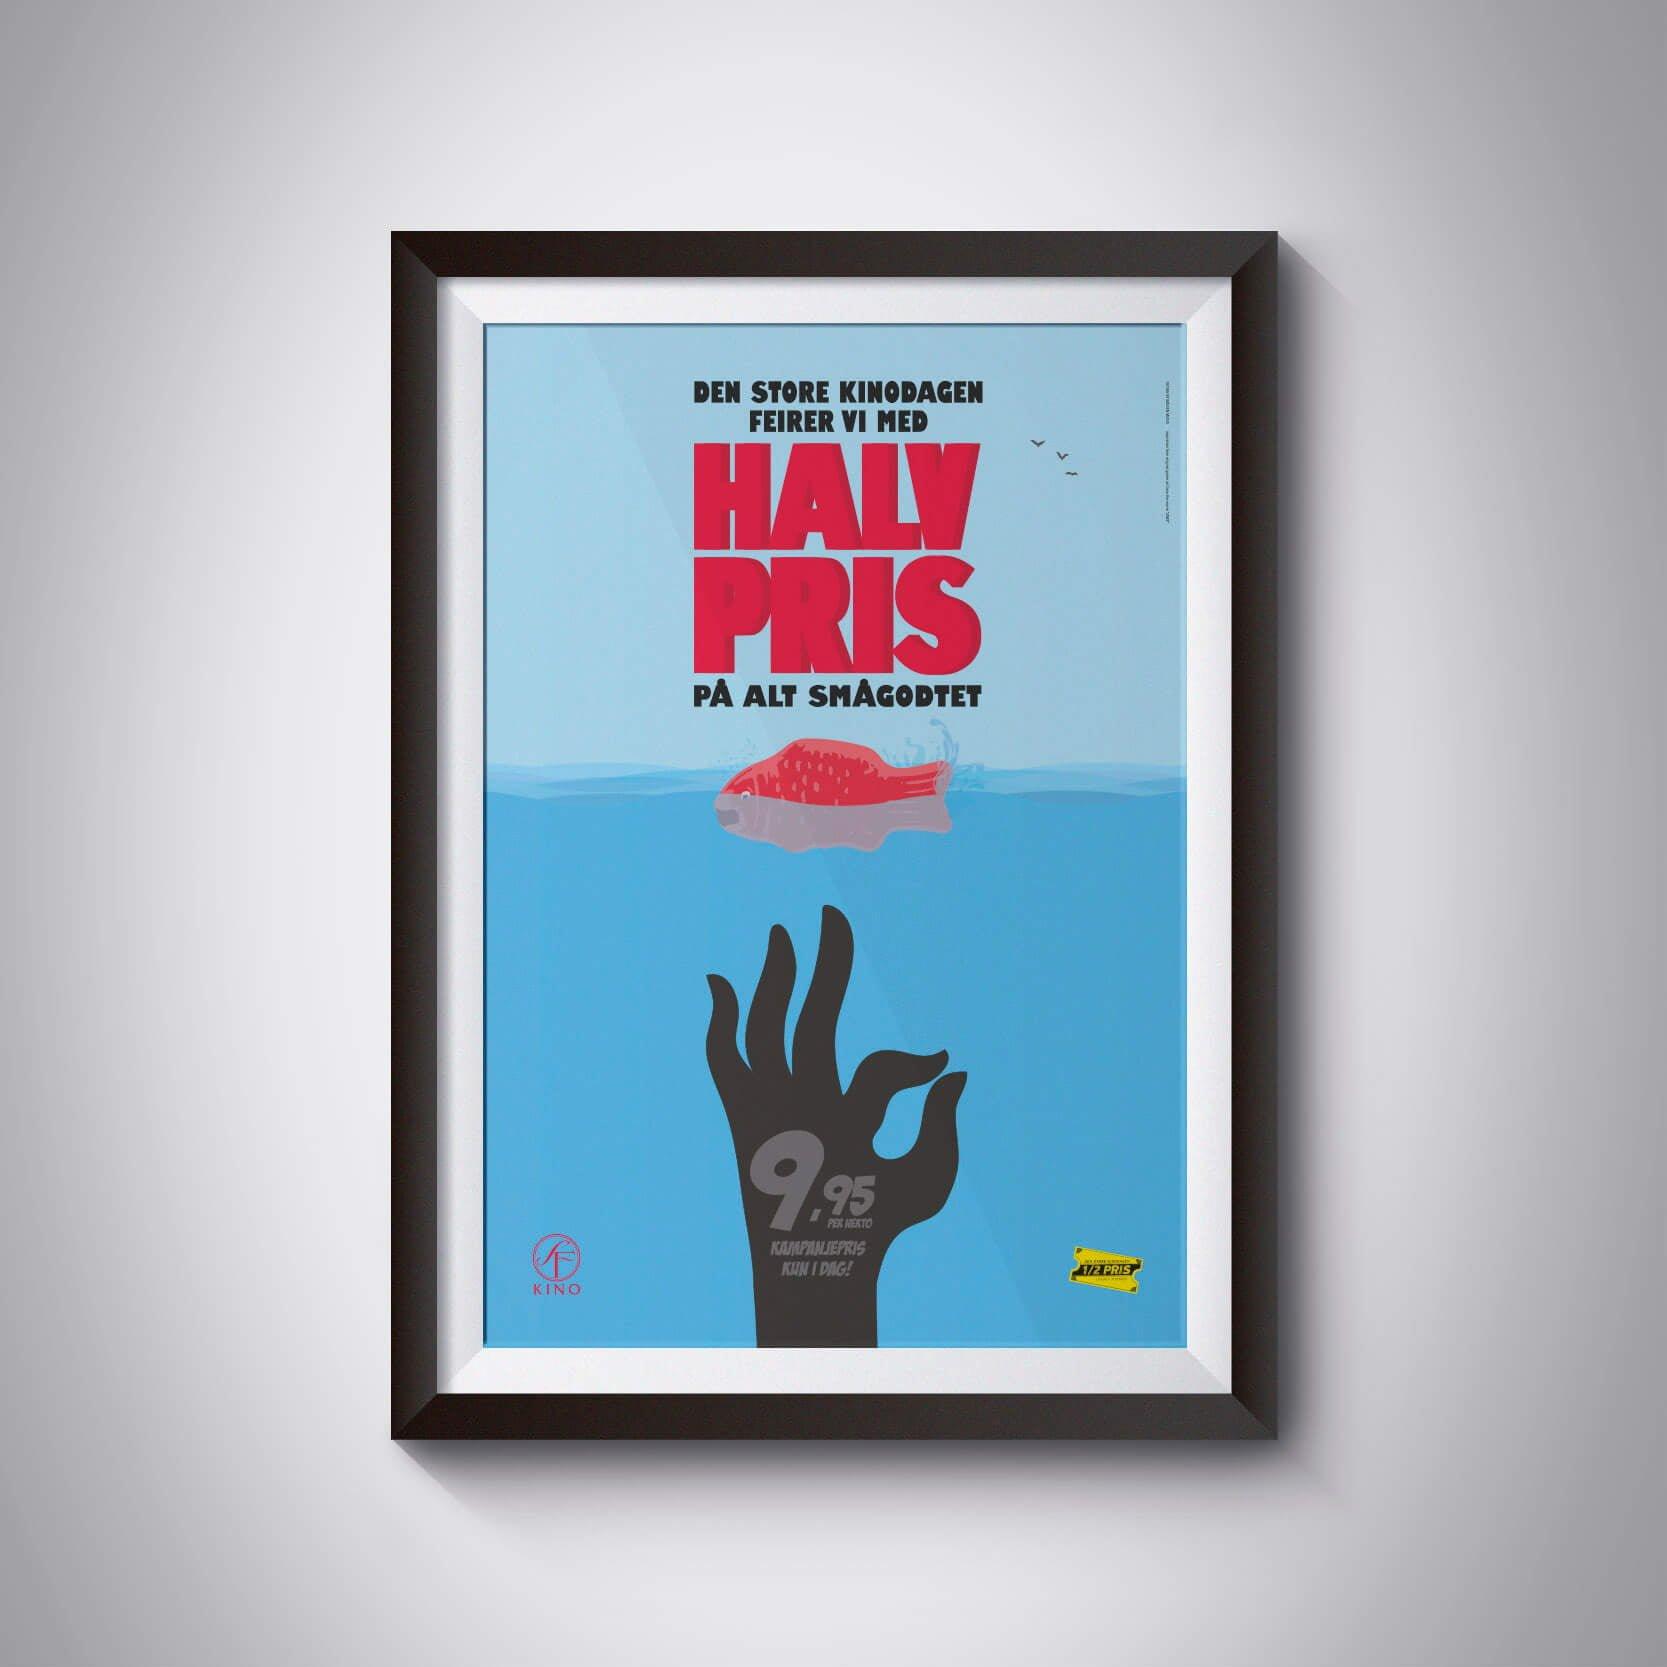 kino poster 7